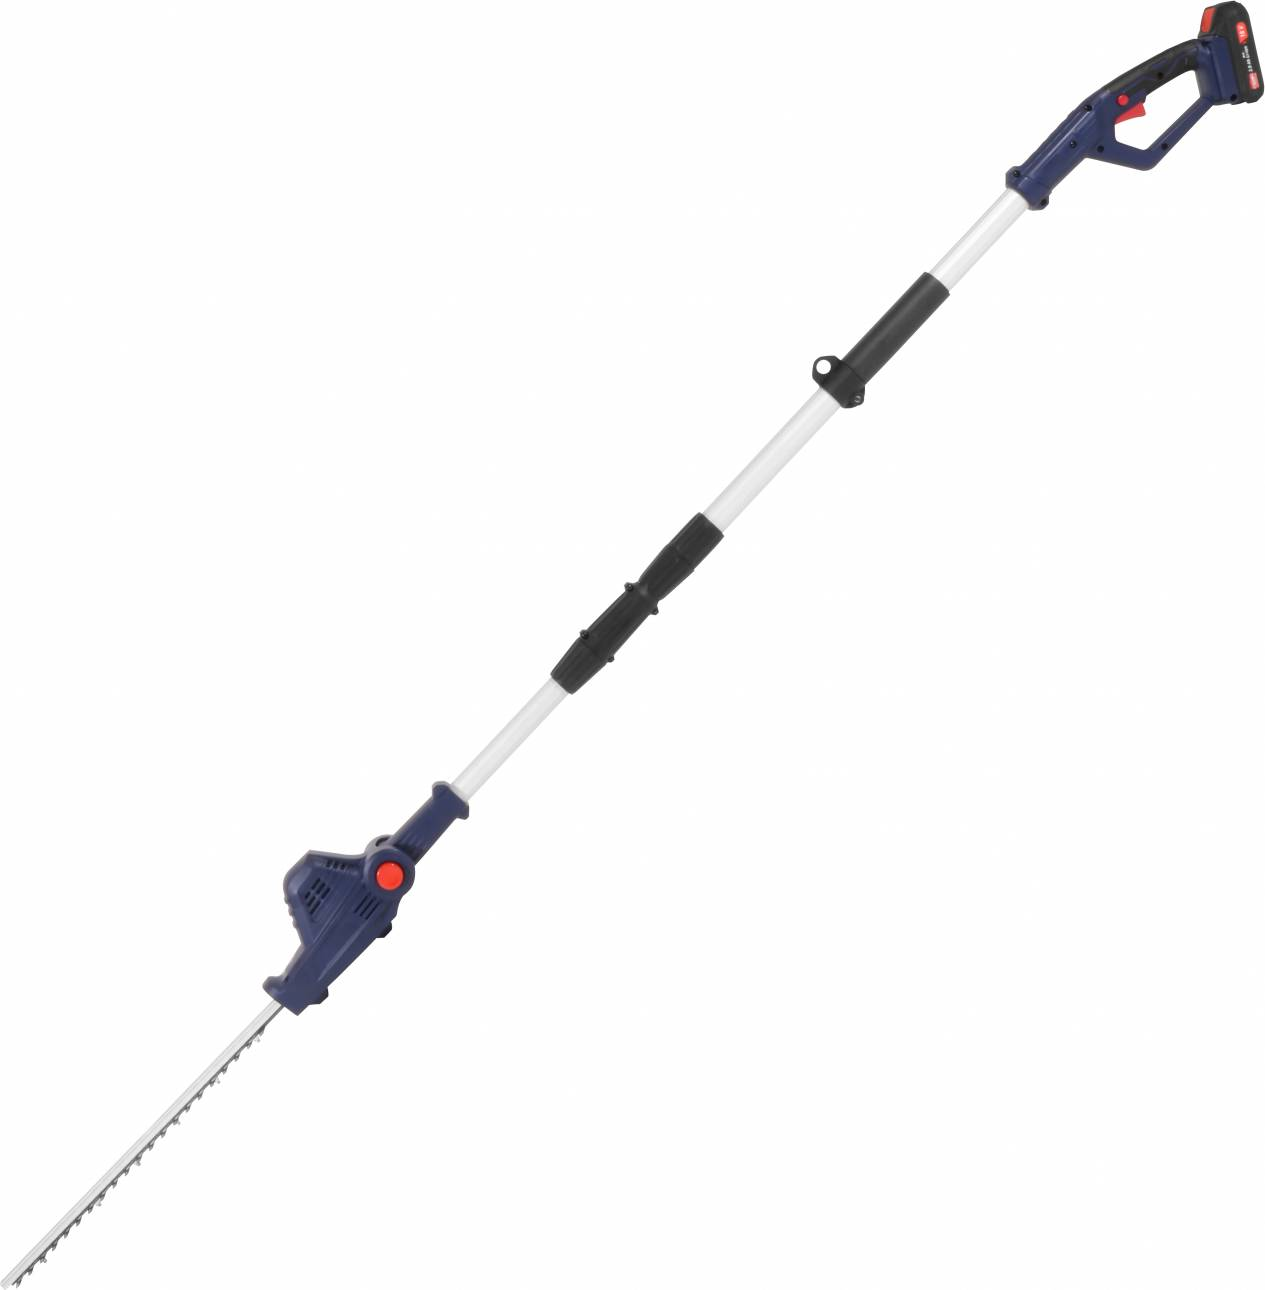 Akumulátorové teleskopické nůžky na živé ploty HST 18-201-05 58592 GÜDE